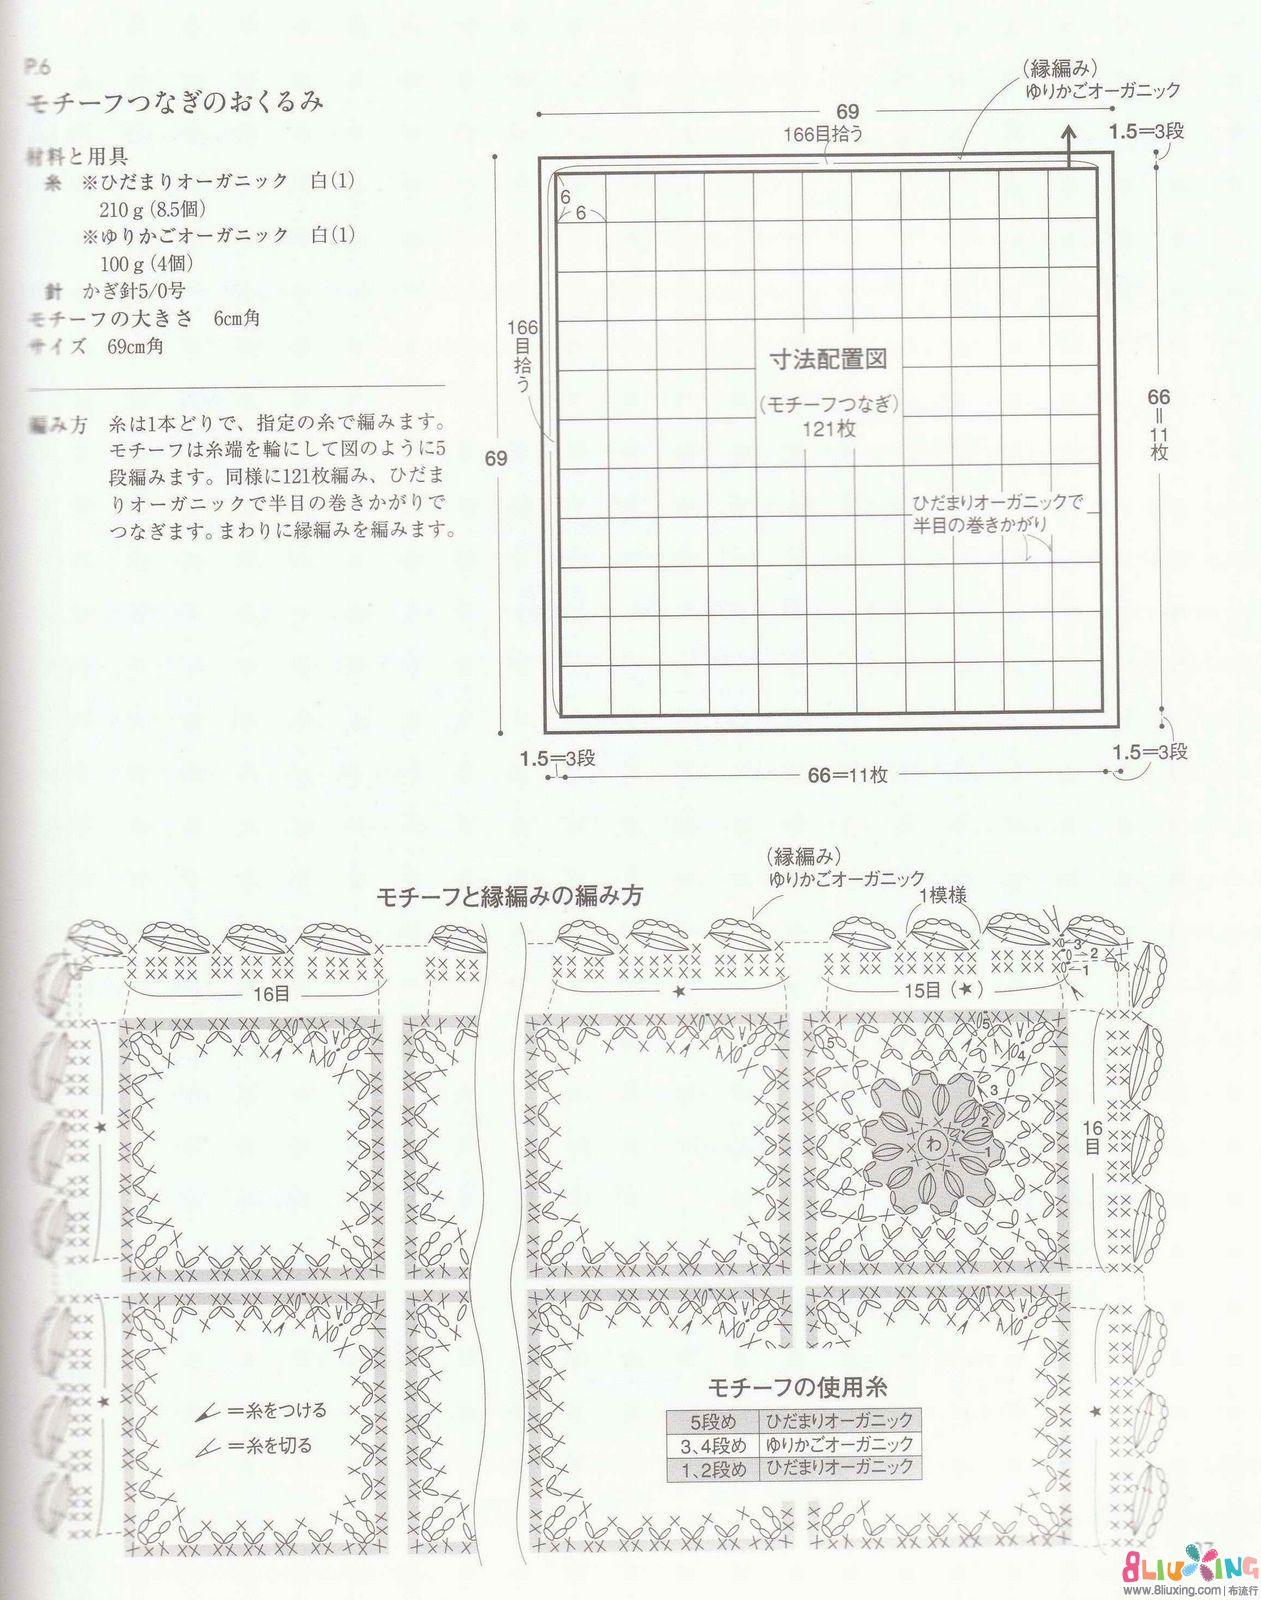 【图纸】图纸变更-米拼花签证小毯-图纸下载图解毯子如何钩针原白色工作内容图片